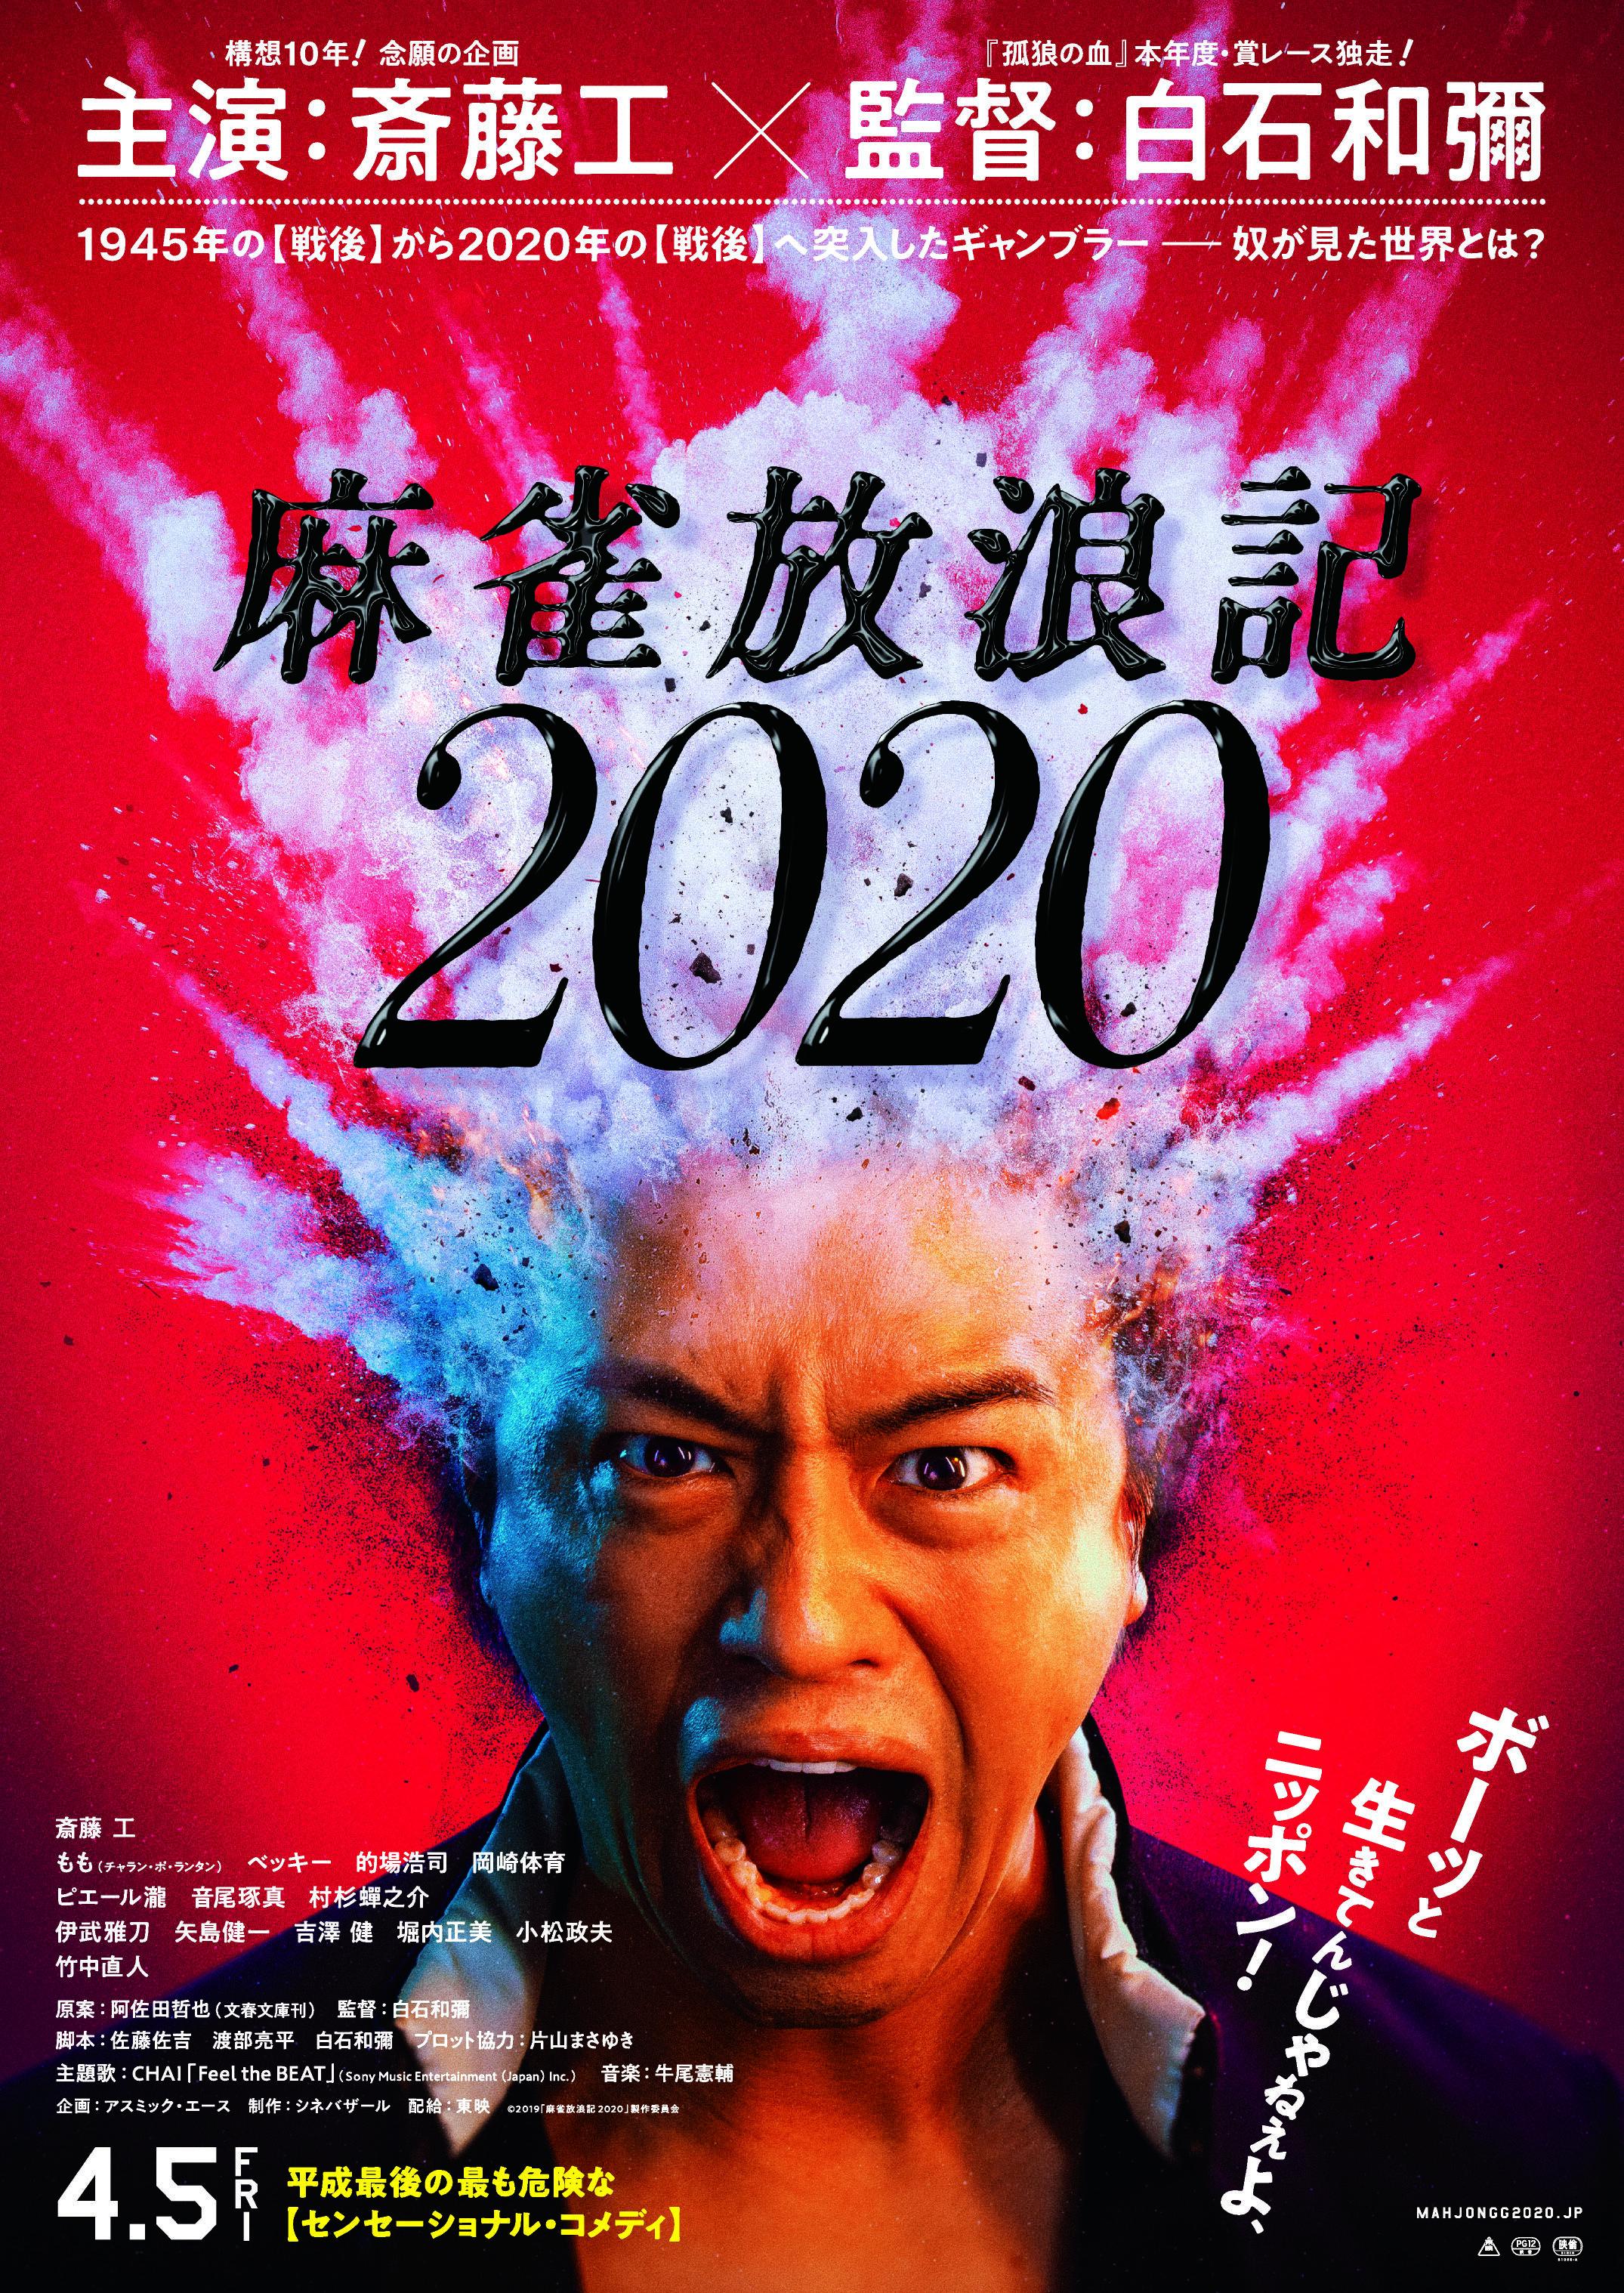 https://www.kenko-tokina.co.jp/special/mt-images/mahjong_2020poster.jpg